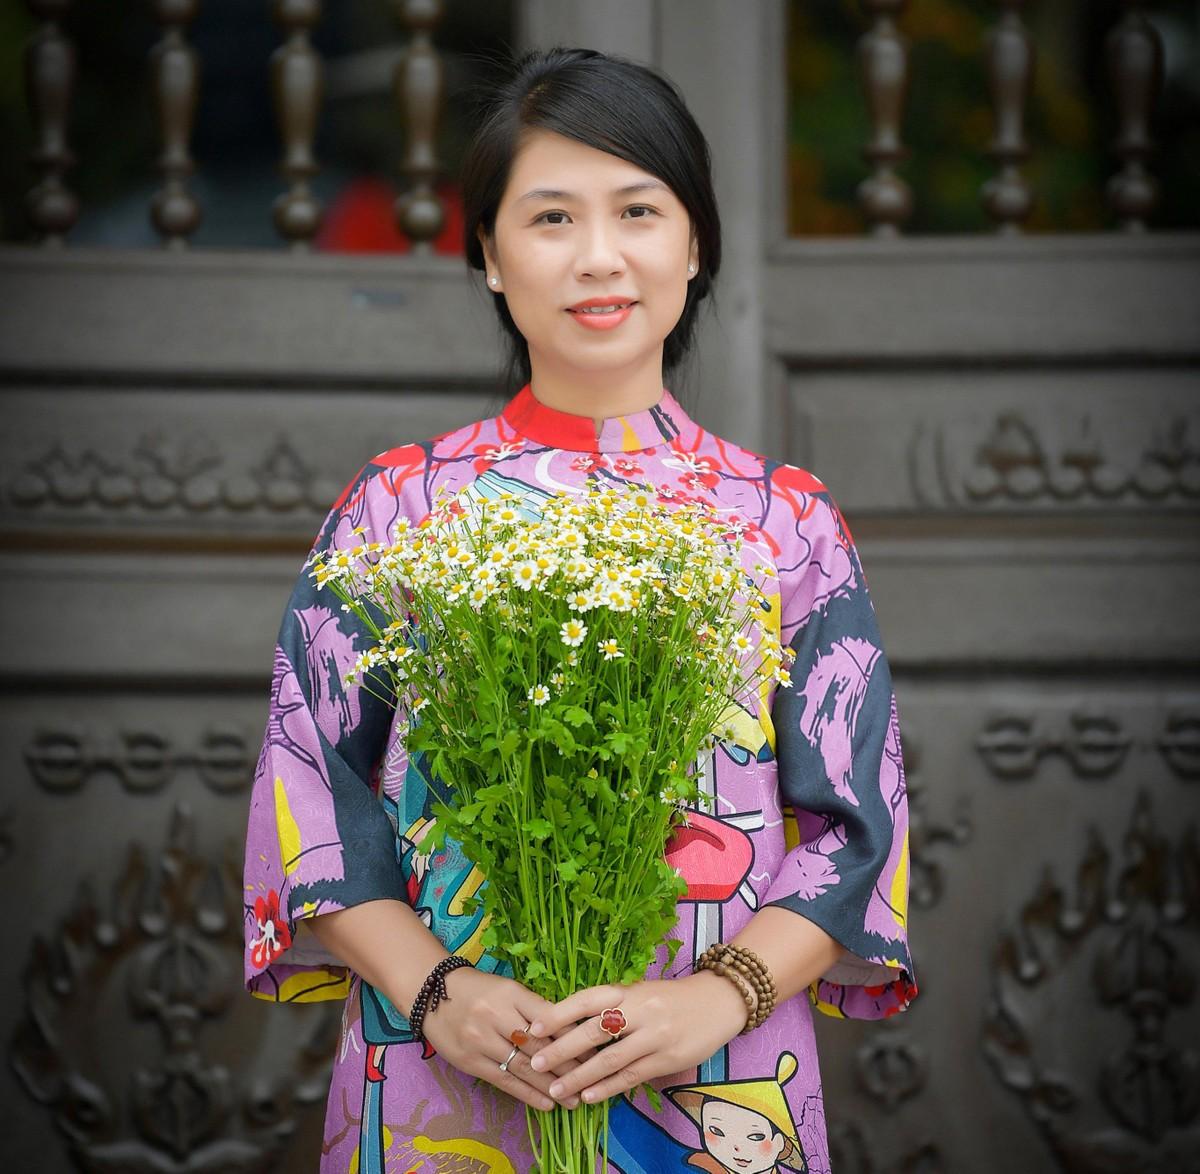 Doanh nhân Lê Thị Hải Châu, CEO Mövenpick Phu Quoc: Làm dịch vụ bằng trái tim, duy trì thương hiệu bằng cái đầu ảnh 4